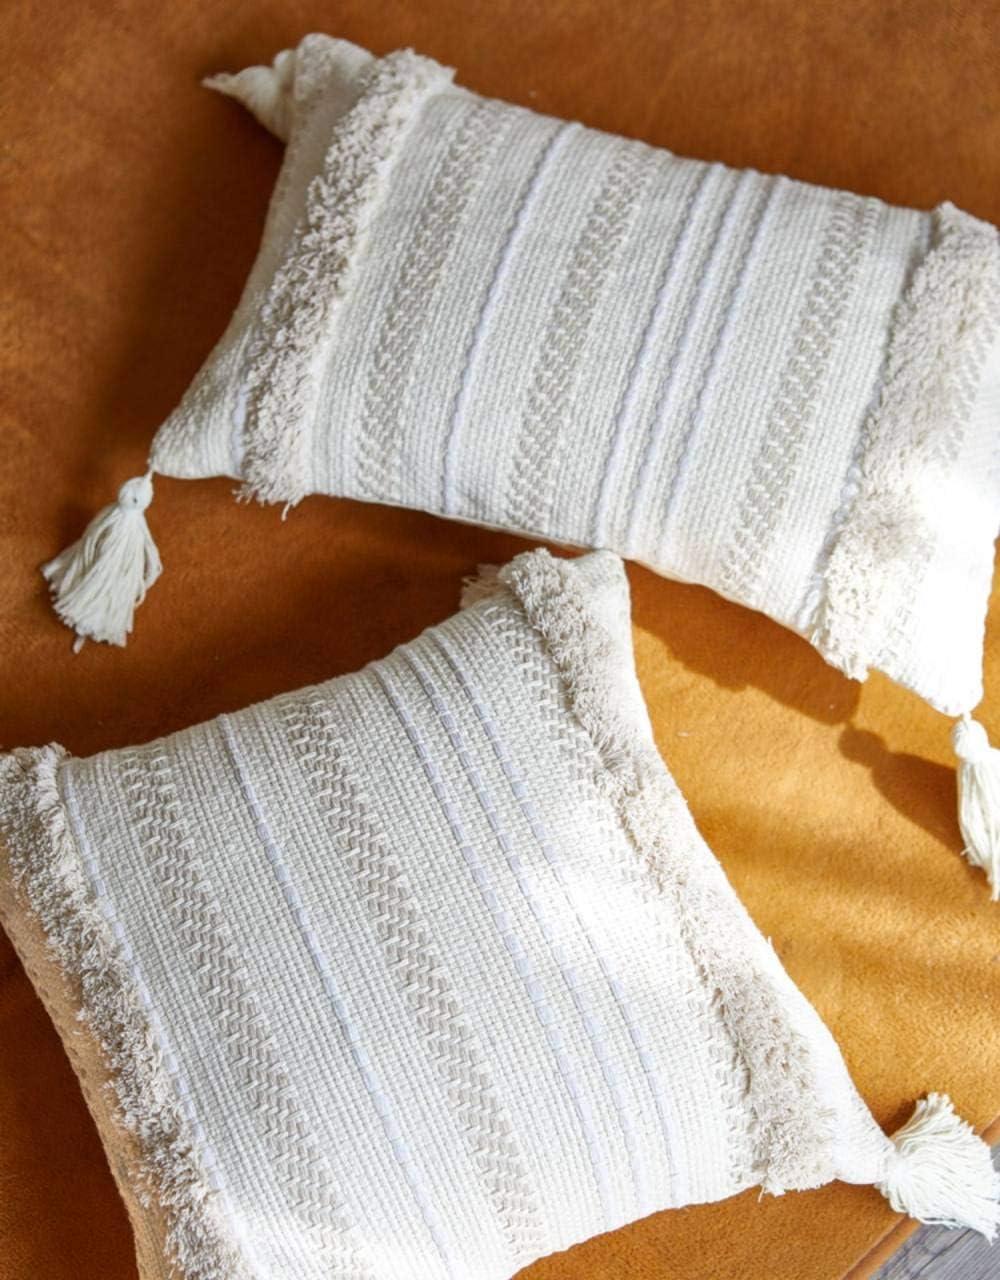 DSHRTY taie d'oreiller,45 * 45 Chaise Coussin Décor À La Maison Minimaliste Taie d'oreiller Tufté Gland Gris Siège Coussin Taie d'oreiller, Blanc 30x50 Blanc 30x50